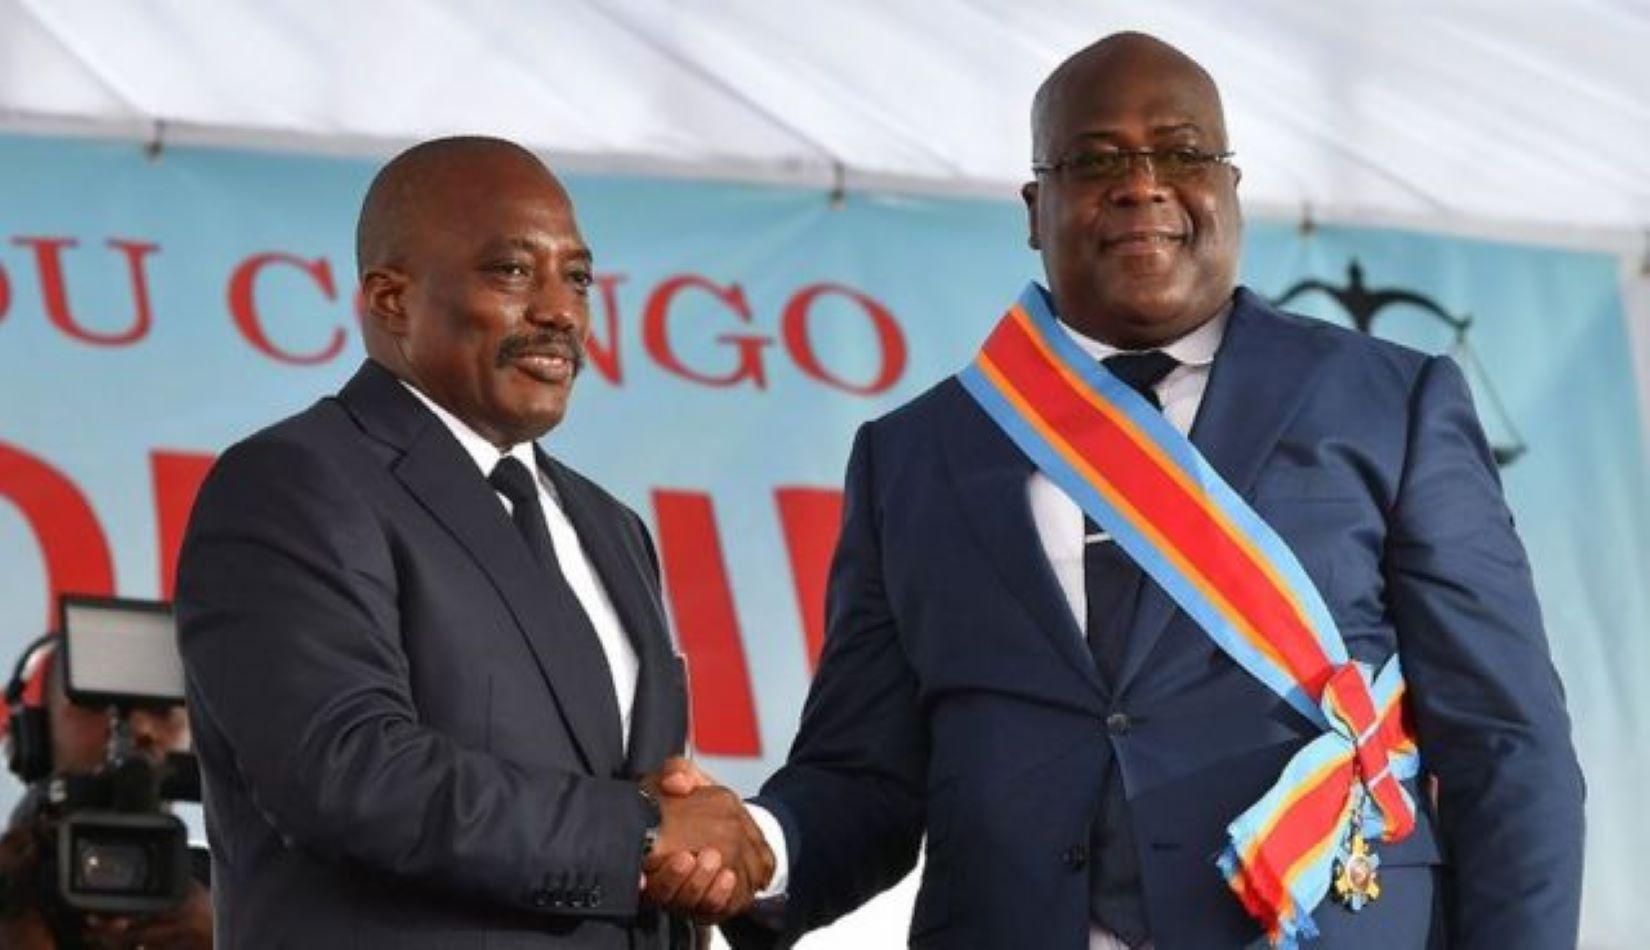 RDC : les trois camouflets de Félix Tshisekedi infligés à Joseph Kabila